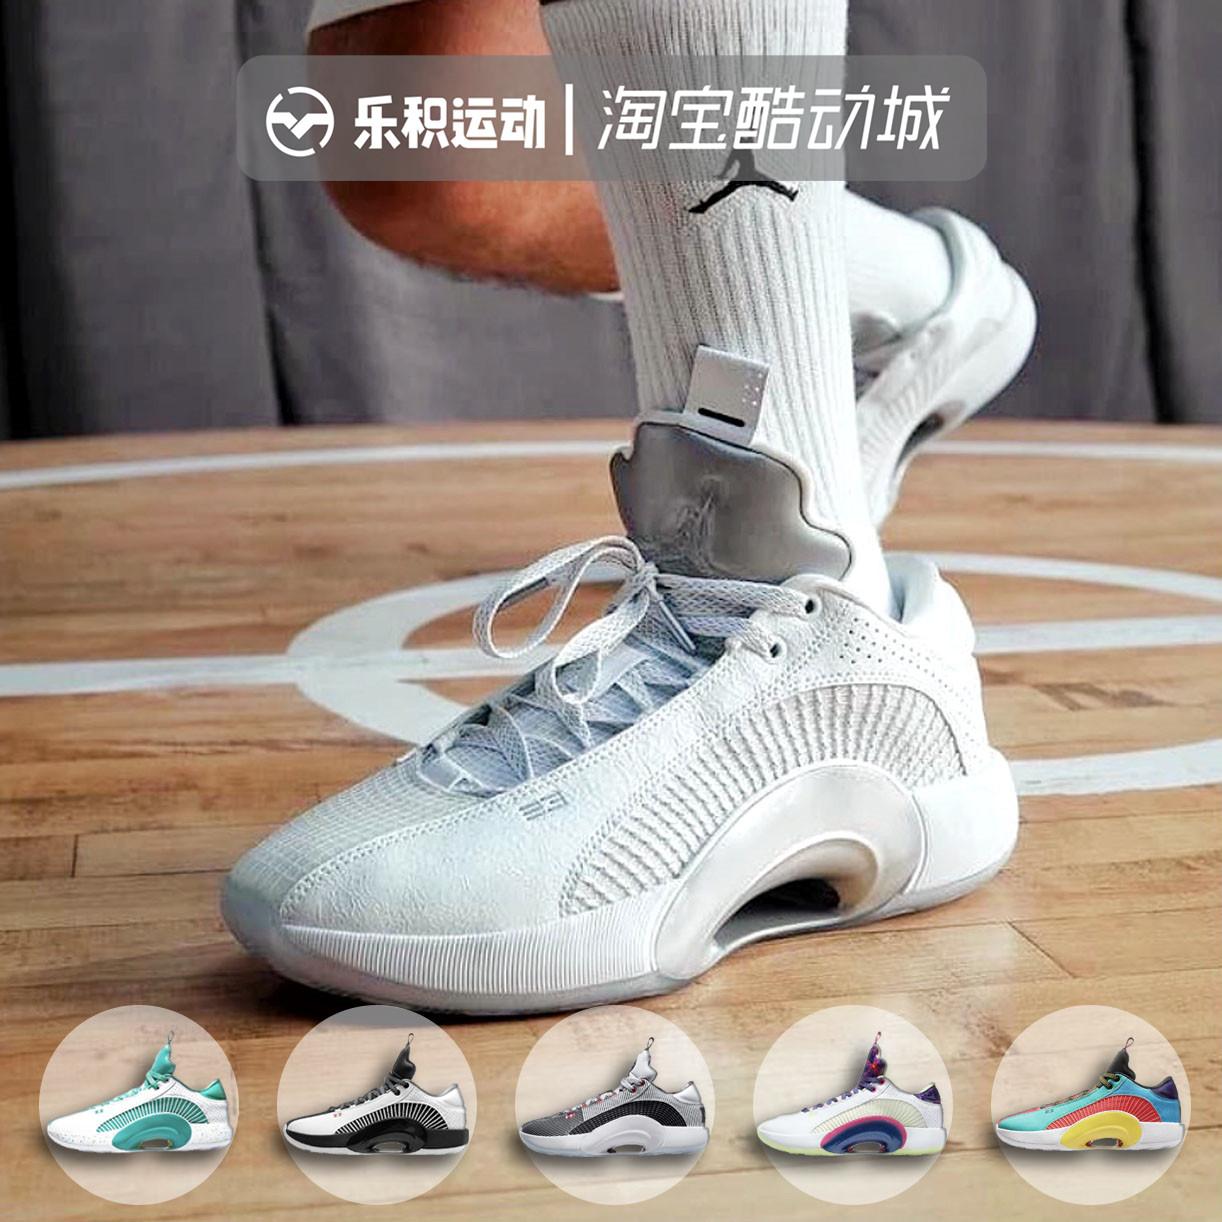 乐积运动AIR JORDAN 35 LOW AJ35郭艾伦低帮实战篮球鞋CW2459-100